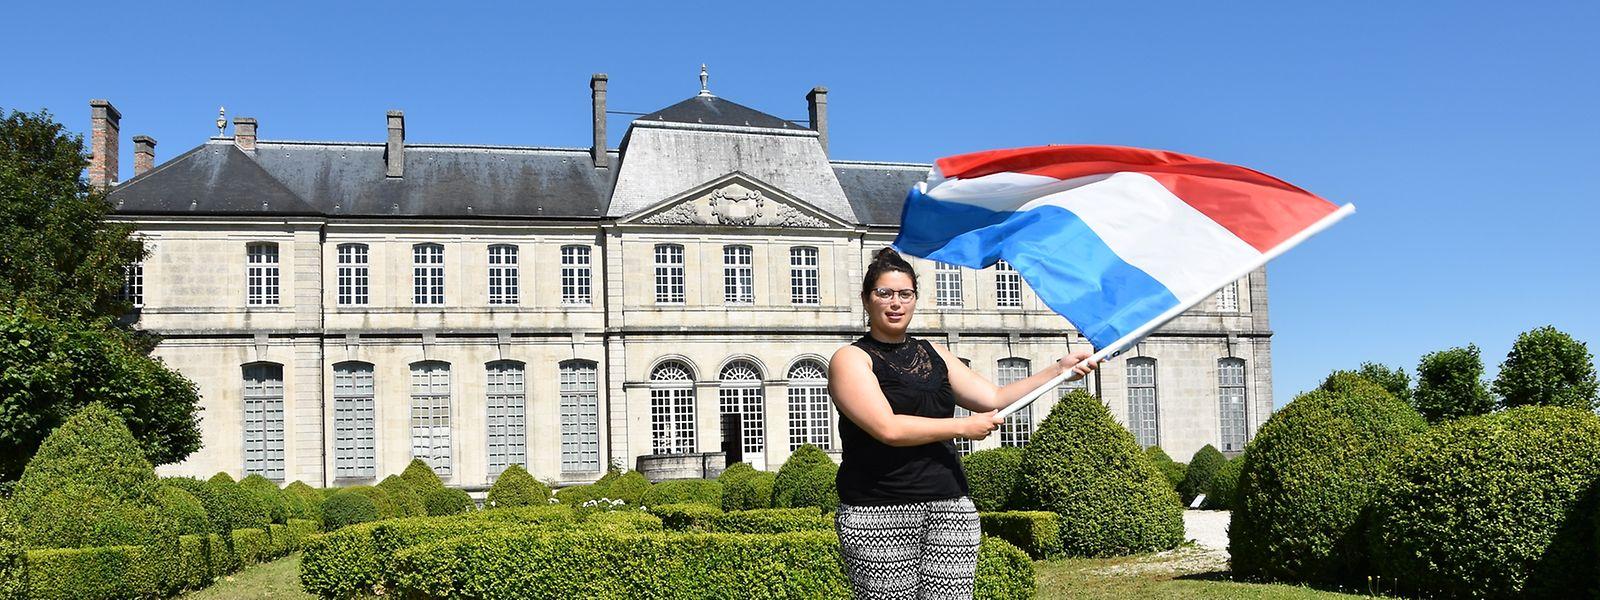 Alice Duclos, 23 ans, fait son Service civique franco-luxembourgeois au Centre mondial de la Paix: «Je me sens valorisée dans mon travail. Ici on me fait confiance en me donnant des projets que je n'aurais pas eu ailleurs.Chaque jour, je découvre des choses que je ne savais pas pouvoir faire».